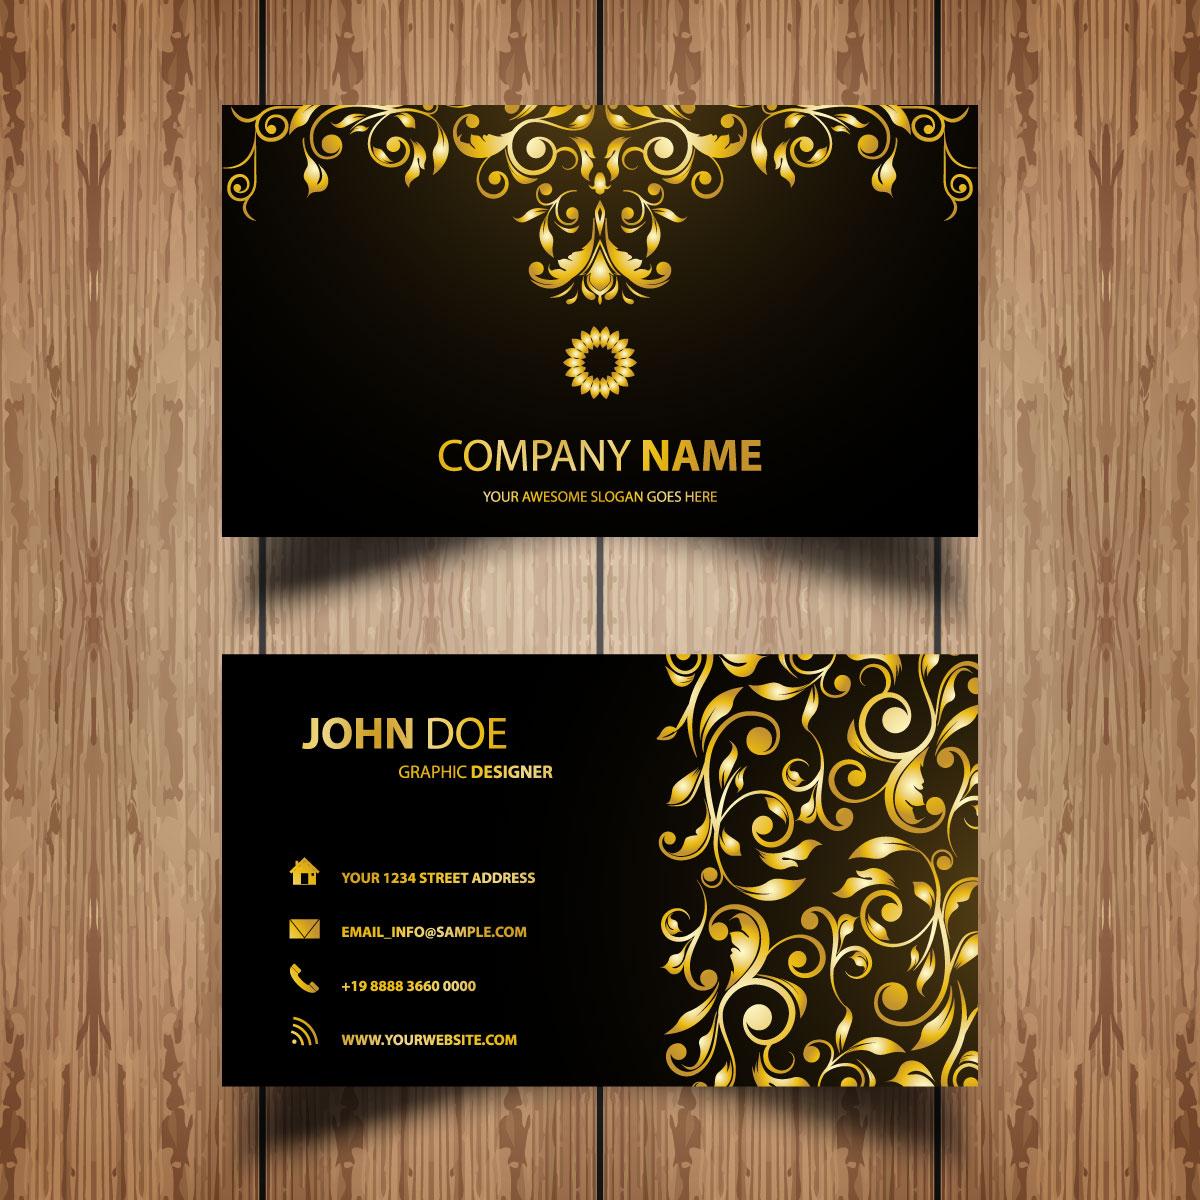 Mẫu card visit ấn tượng với hai màu đen và ánh vàng thể hiện sự sang trọng, lịch lãm khẳng định đẳng cấp người dùng